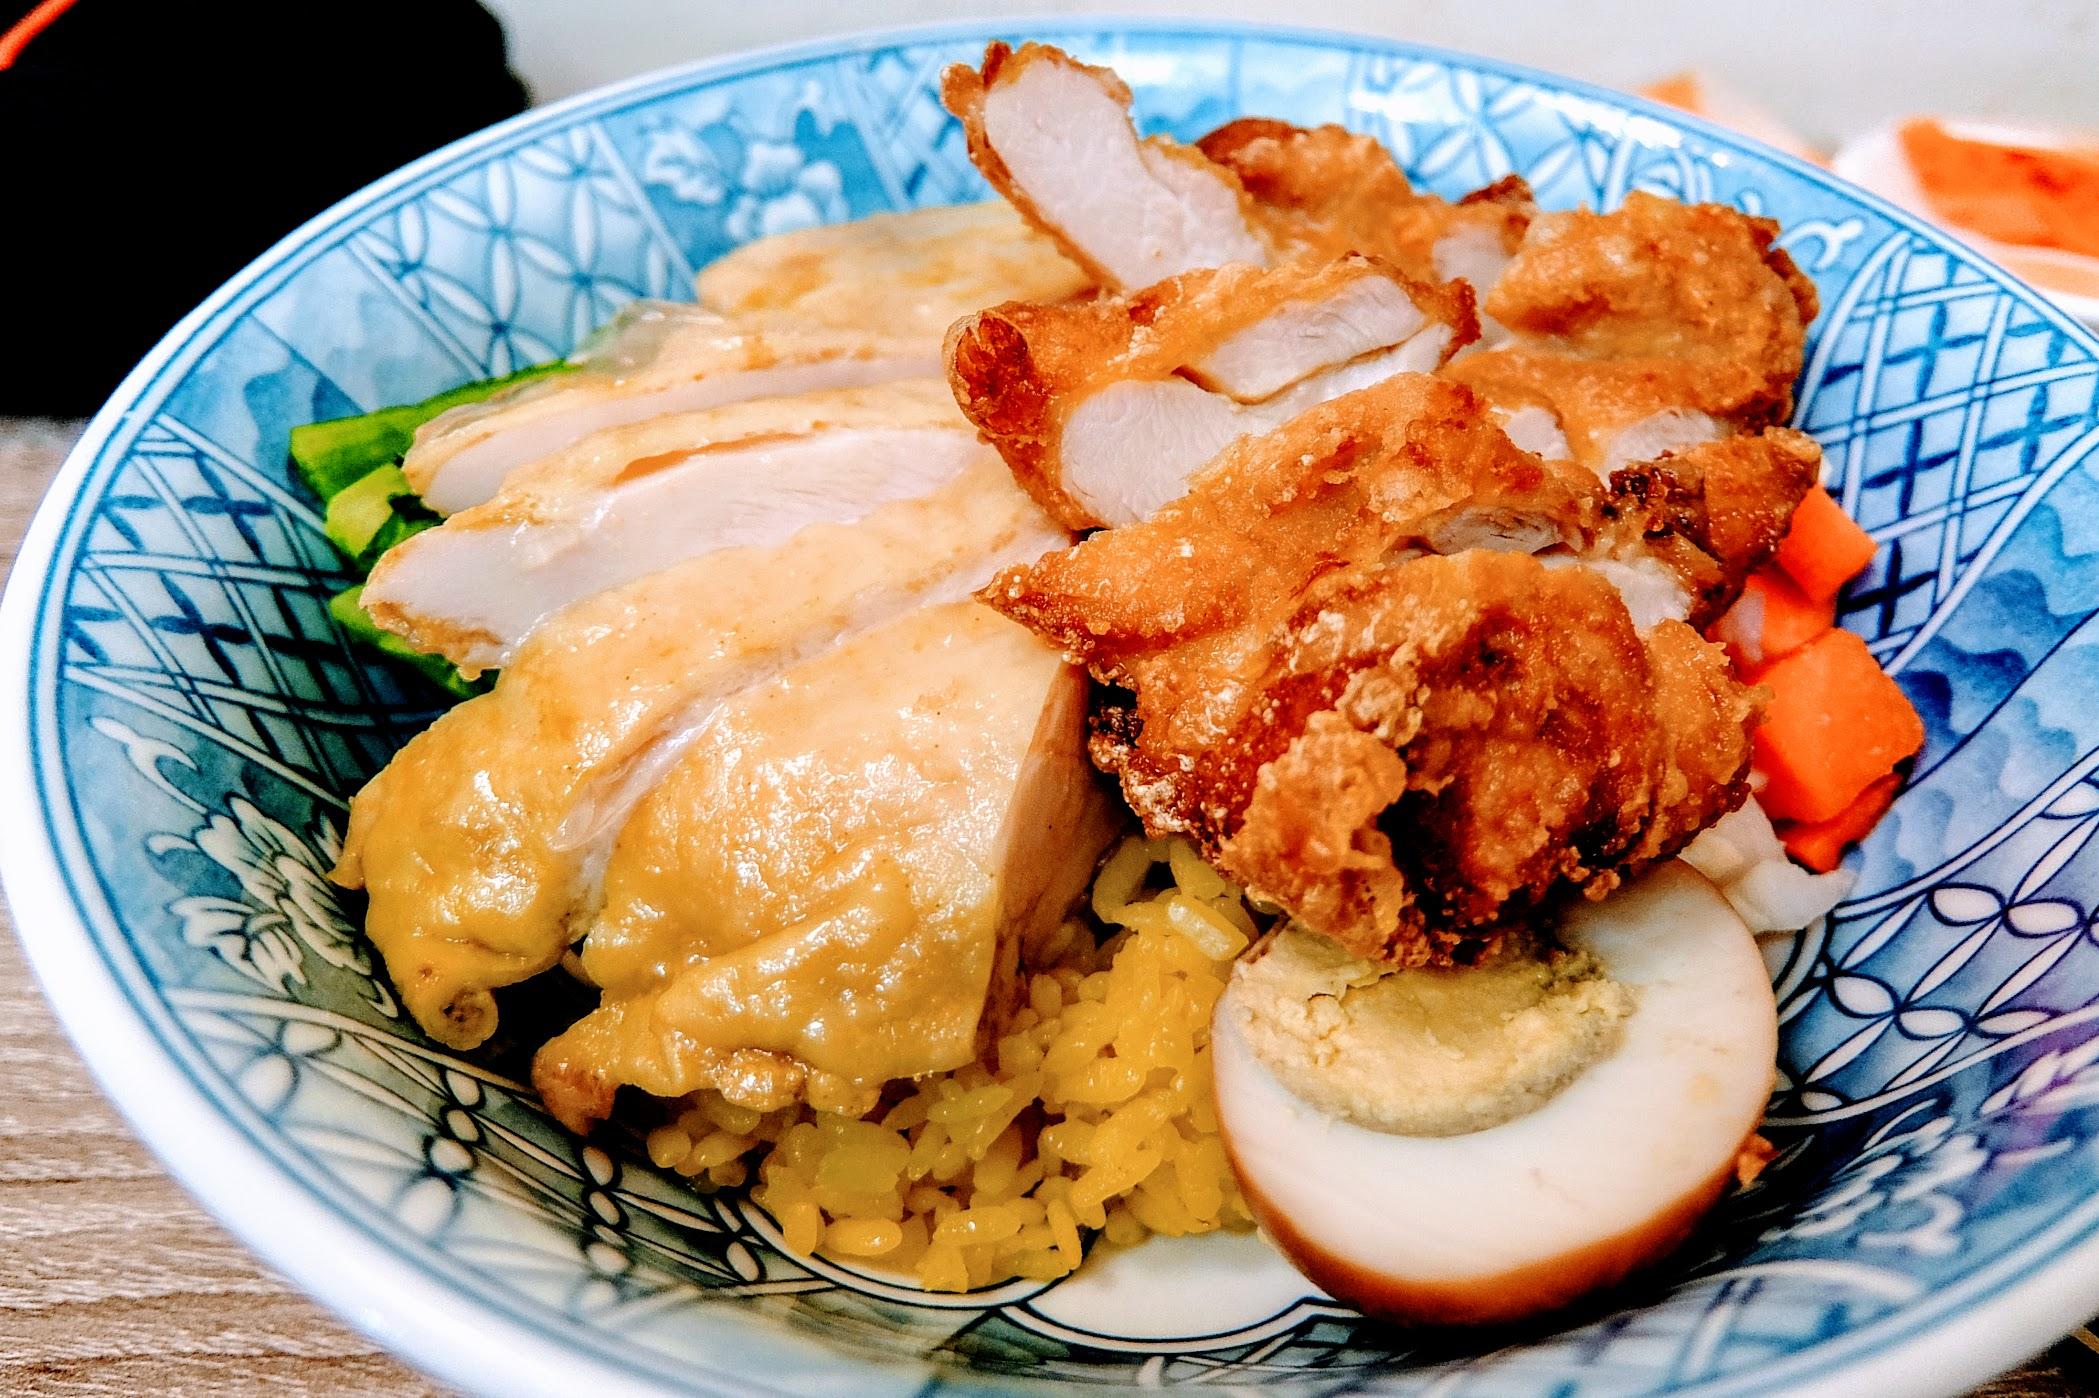 綜合海南雞飯,有白切雞和酥炸雞二種,底下是薑黃飯